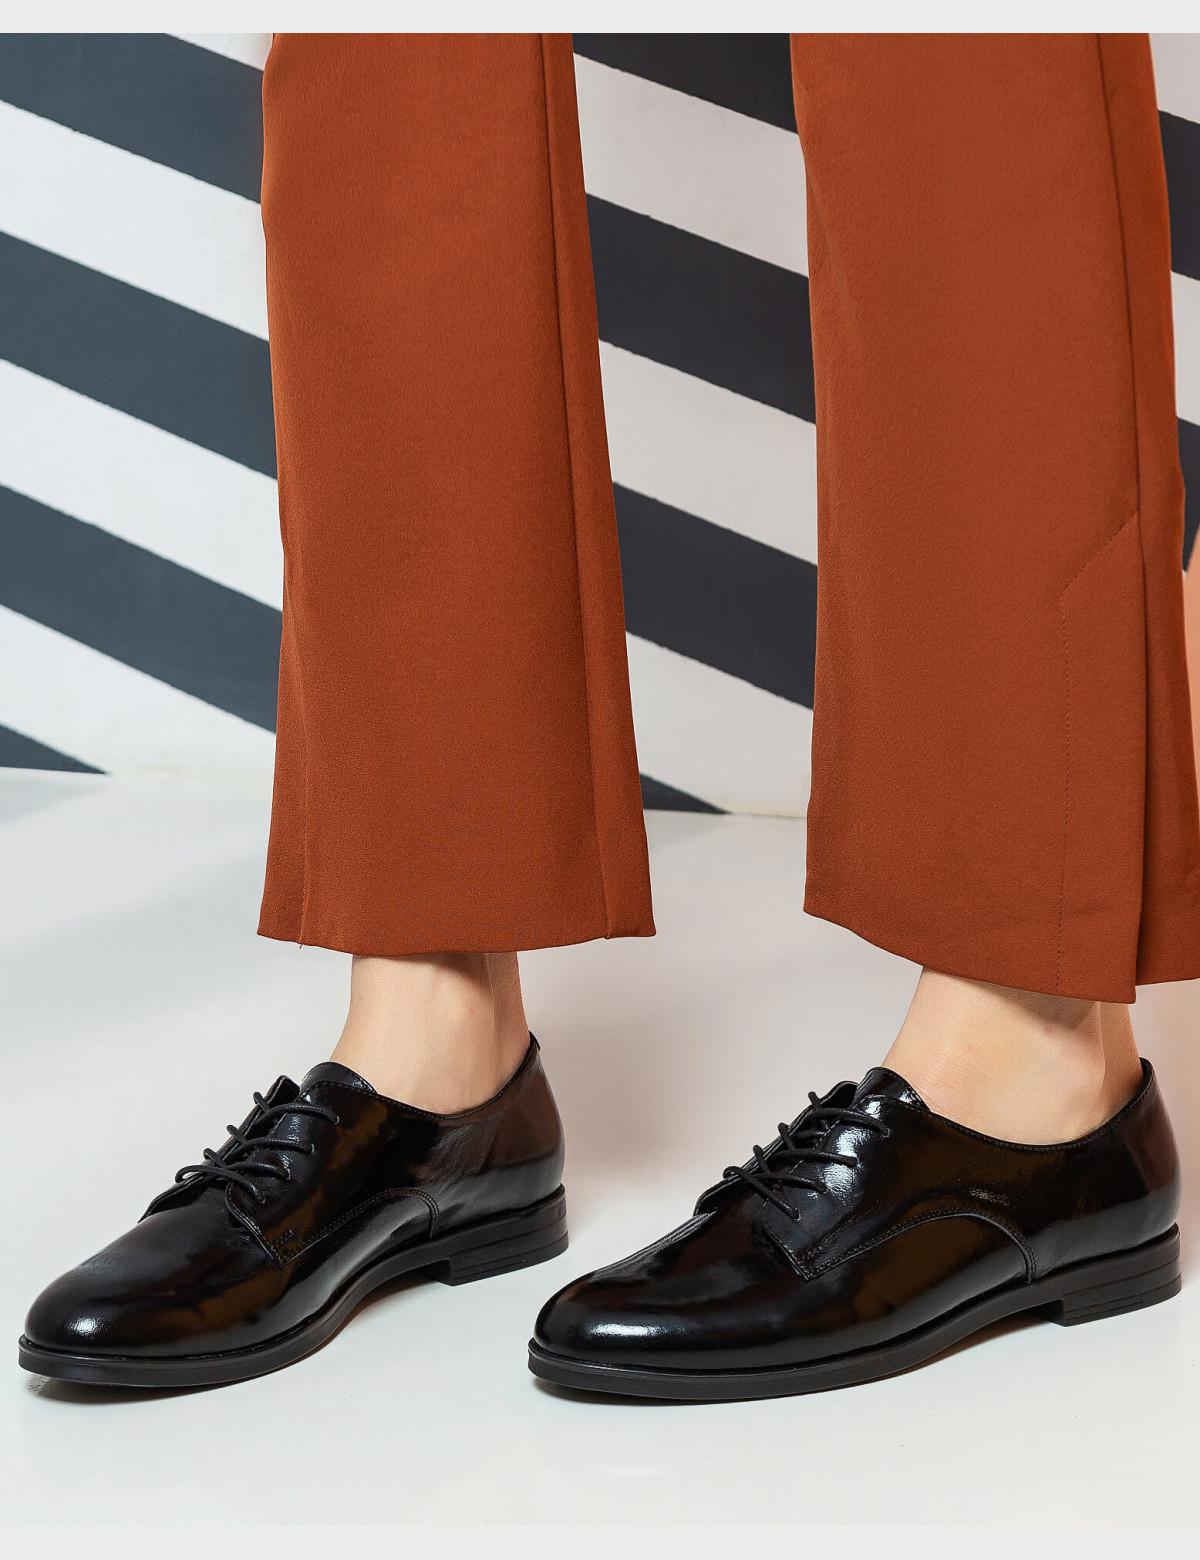 Туфли черные лакированные, натуральная кожа6